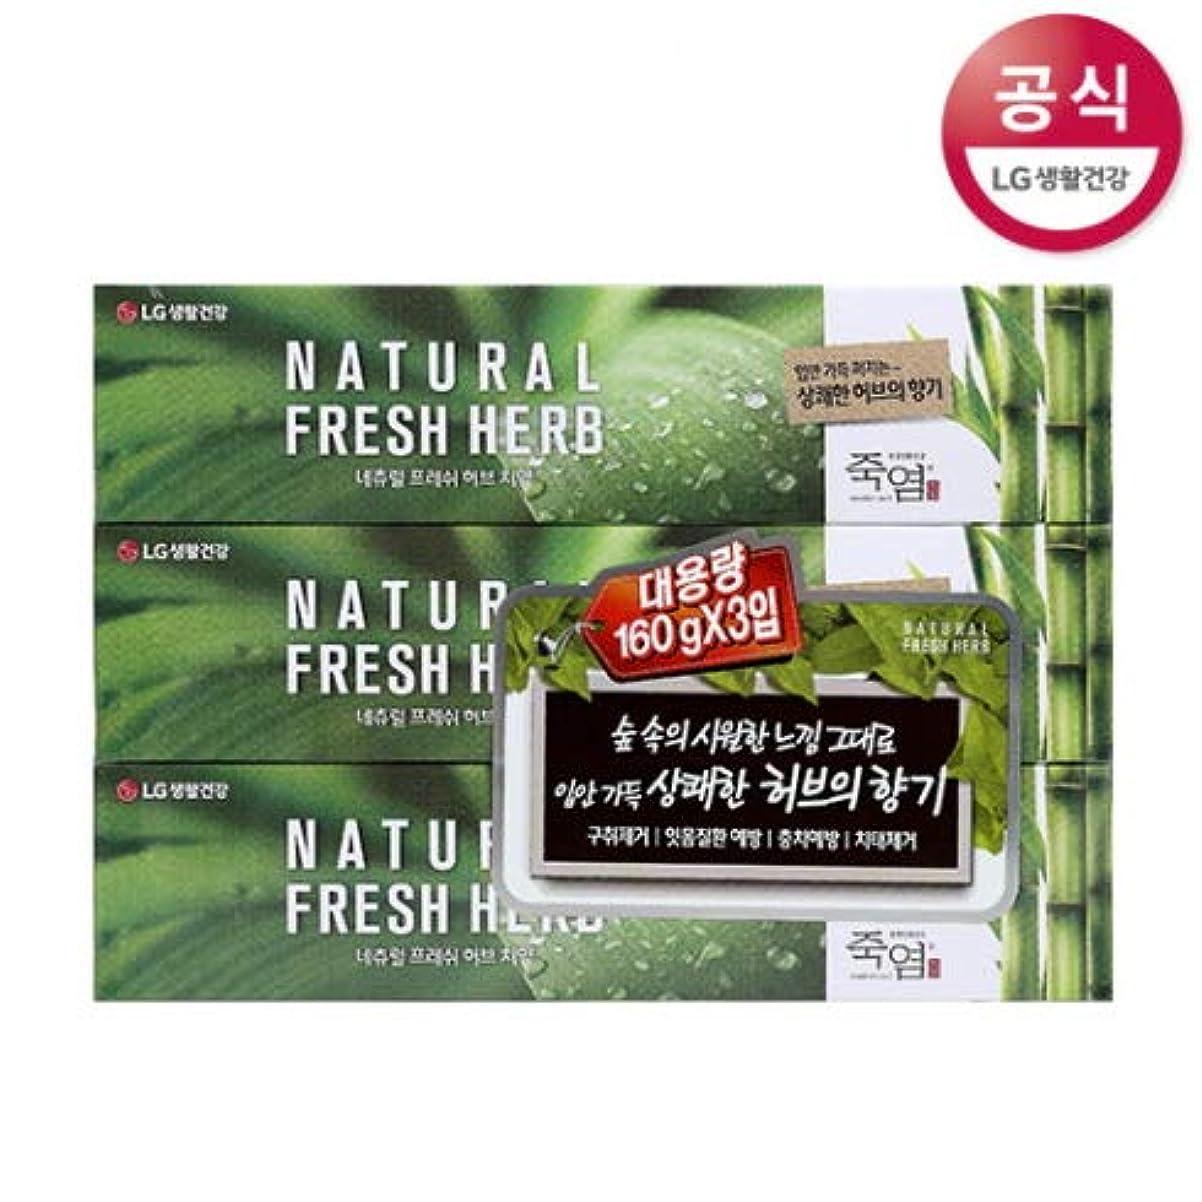 ヒステリック特権スカーフ[LG HnB] Bamboo Salt Natural Fresh Herbal Toothpaste/竹塩ナチュラルフレッシュハーブ歯磨き粉 160gx3個(海外直送品)